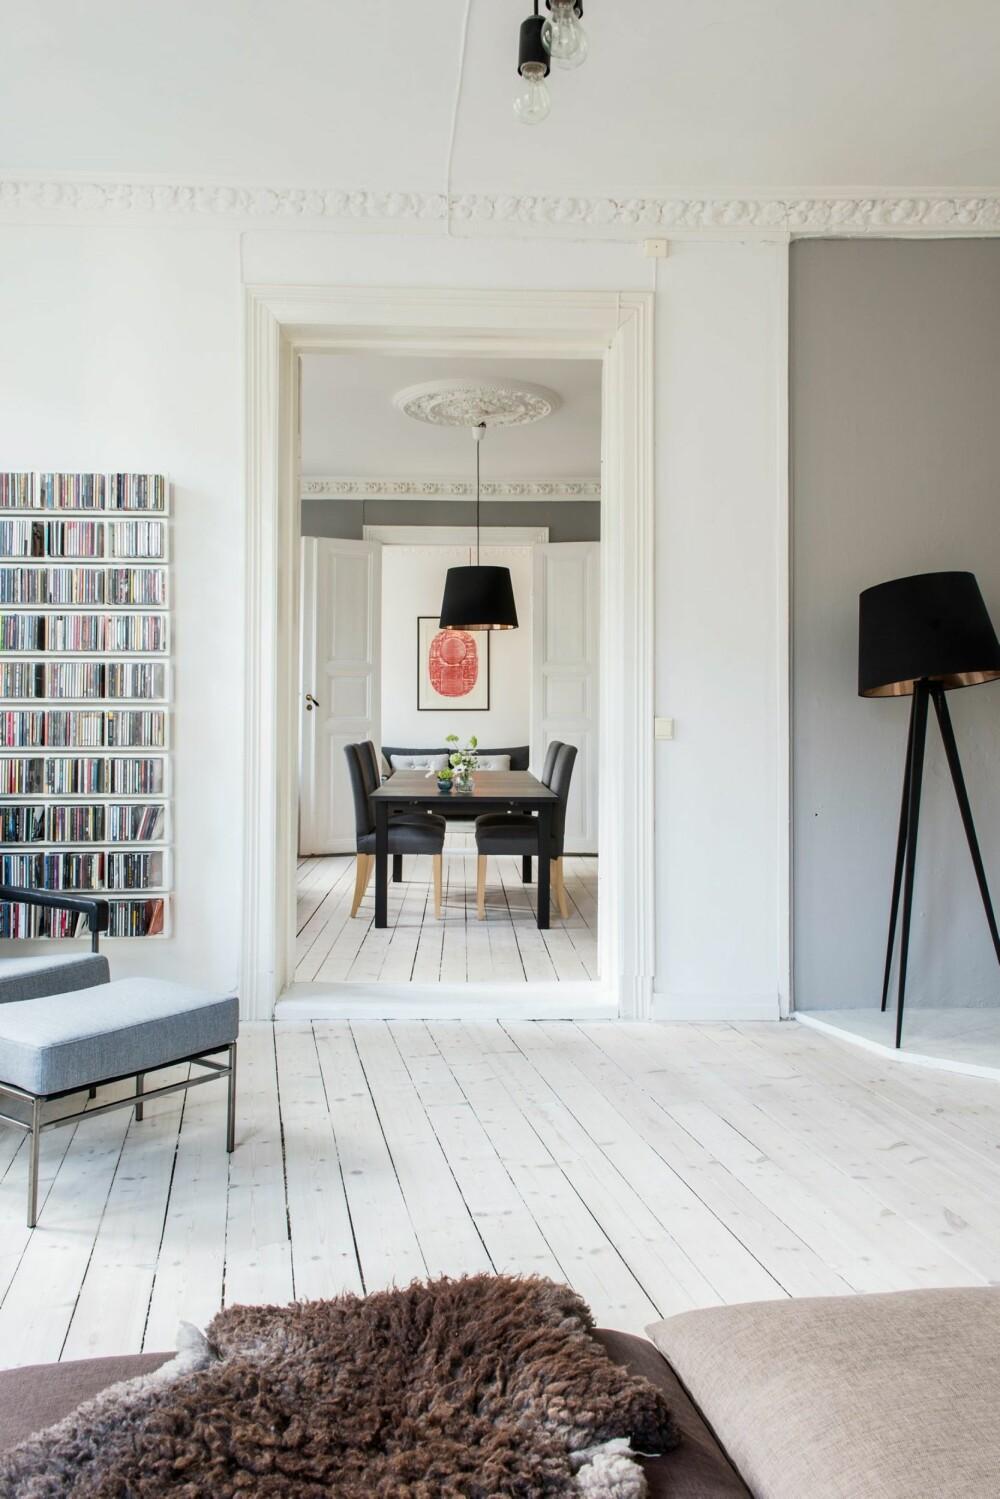 STUE PÅ STUE: Det franske begrepet enfilade referer til en rekke av rom med dører plassert langs en akse, slik at man uhindret kan se gjennom alle. Her ser vi fra hjørnestuen, gjennom kjøkkenet og inn i peisestuen.  Lenestolen Seventy er fra Jonas Ihreborn, lampen over kjøkkenbordet er fra Ikea.